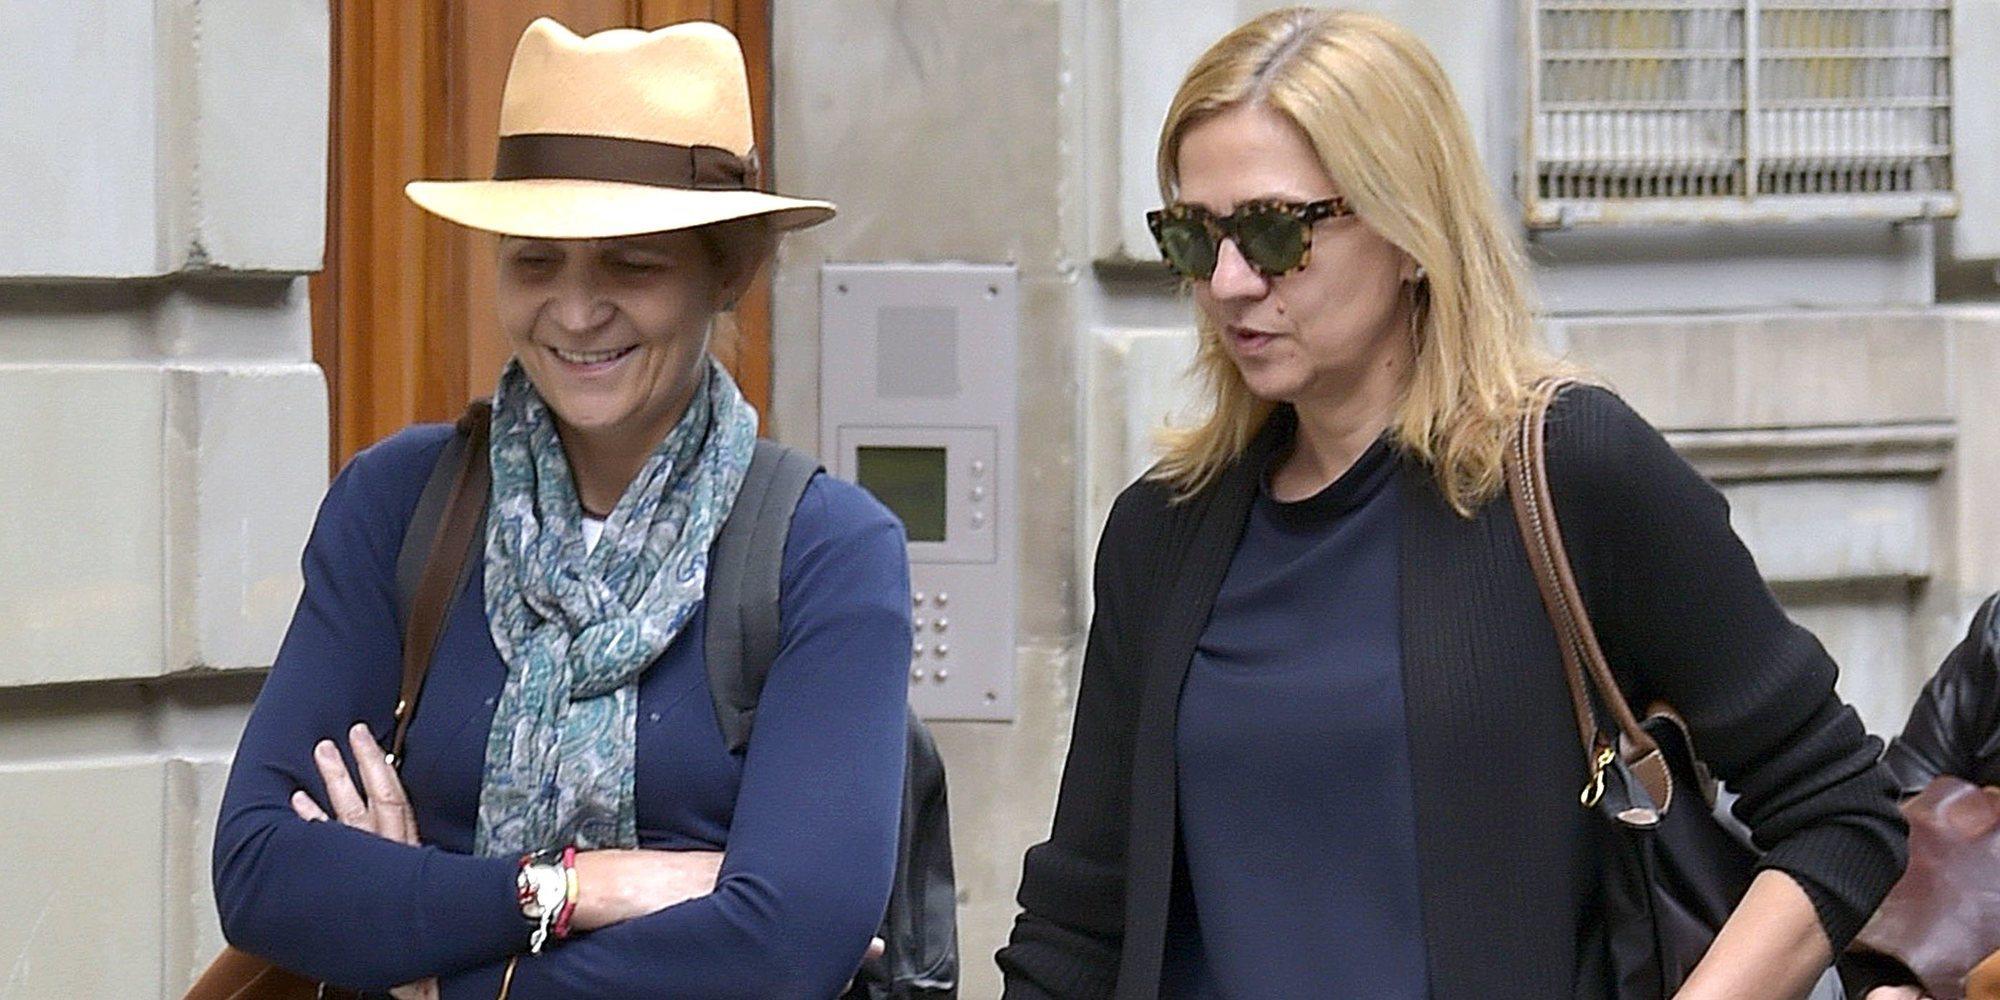 Los presuntos excesos de las Infantas Elena y Cristina con sus escoltas durante la crisis del coronavirus